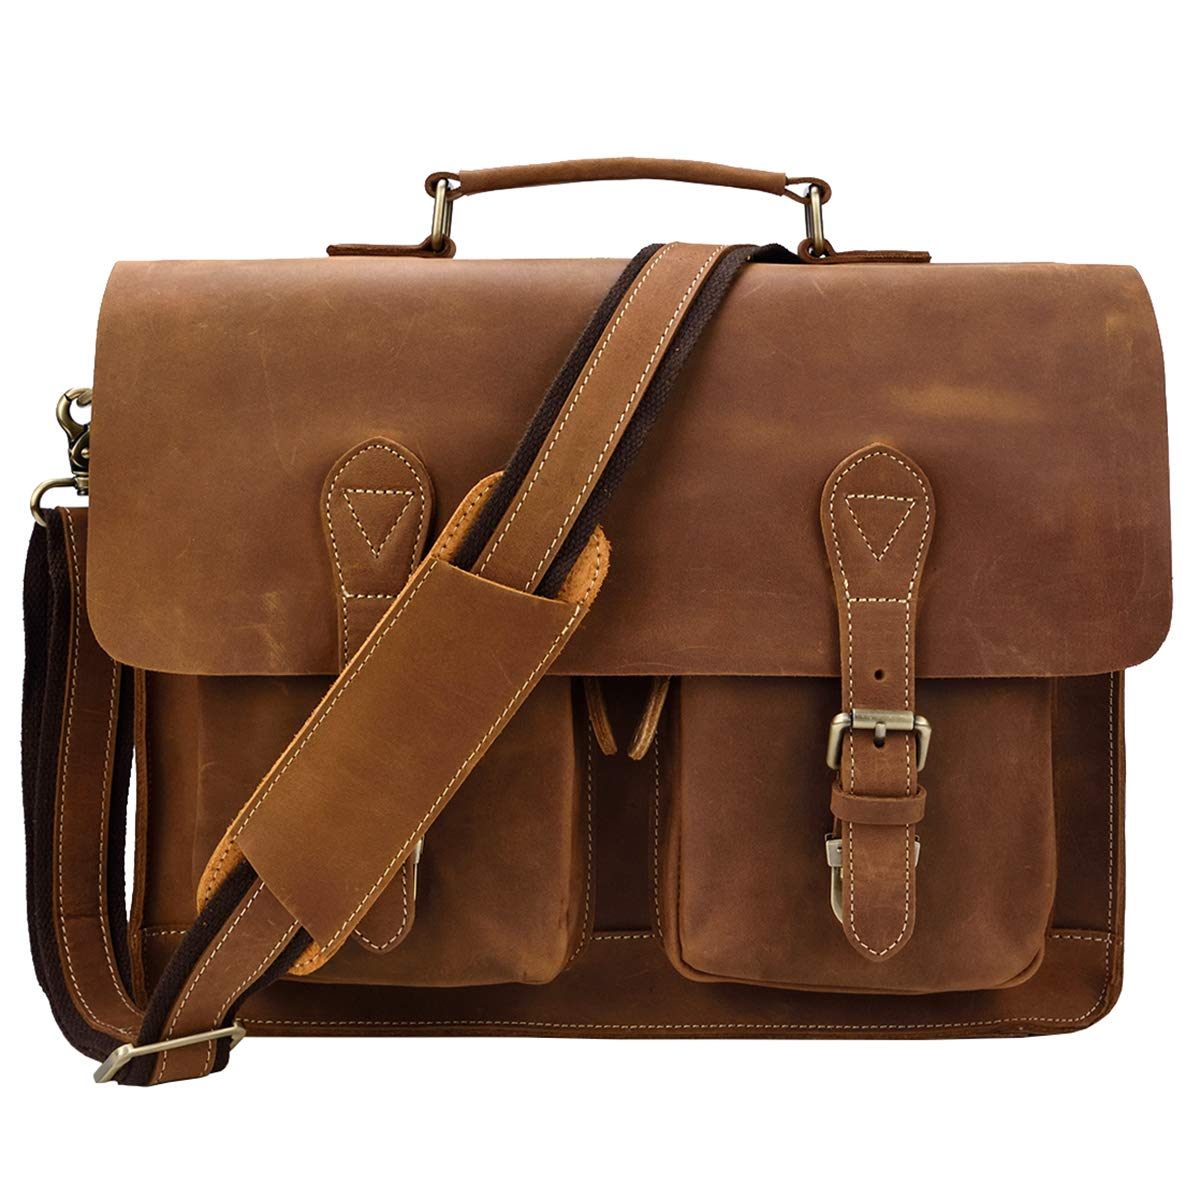 ビジネスバッグ 本革 メンズ 大容量 2way 自立可 レトロ レザー ブリーフケース 2色 2サイズ B4 15.6インチPC収納 通勤用 鞄 男性 ビジネス鞄 出張 B07L3DGLJK ライトブラウン 42cm